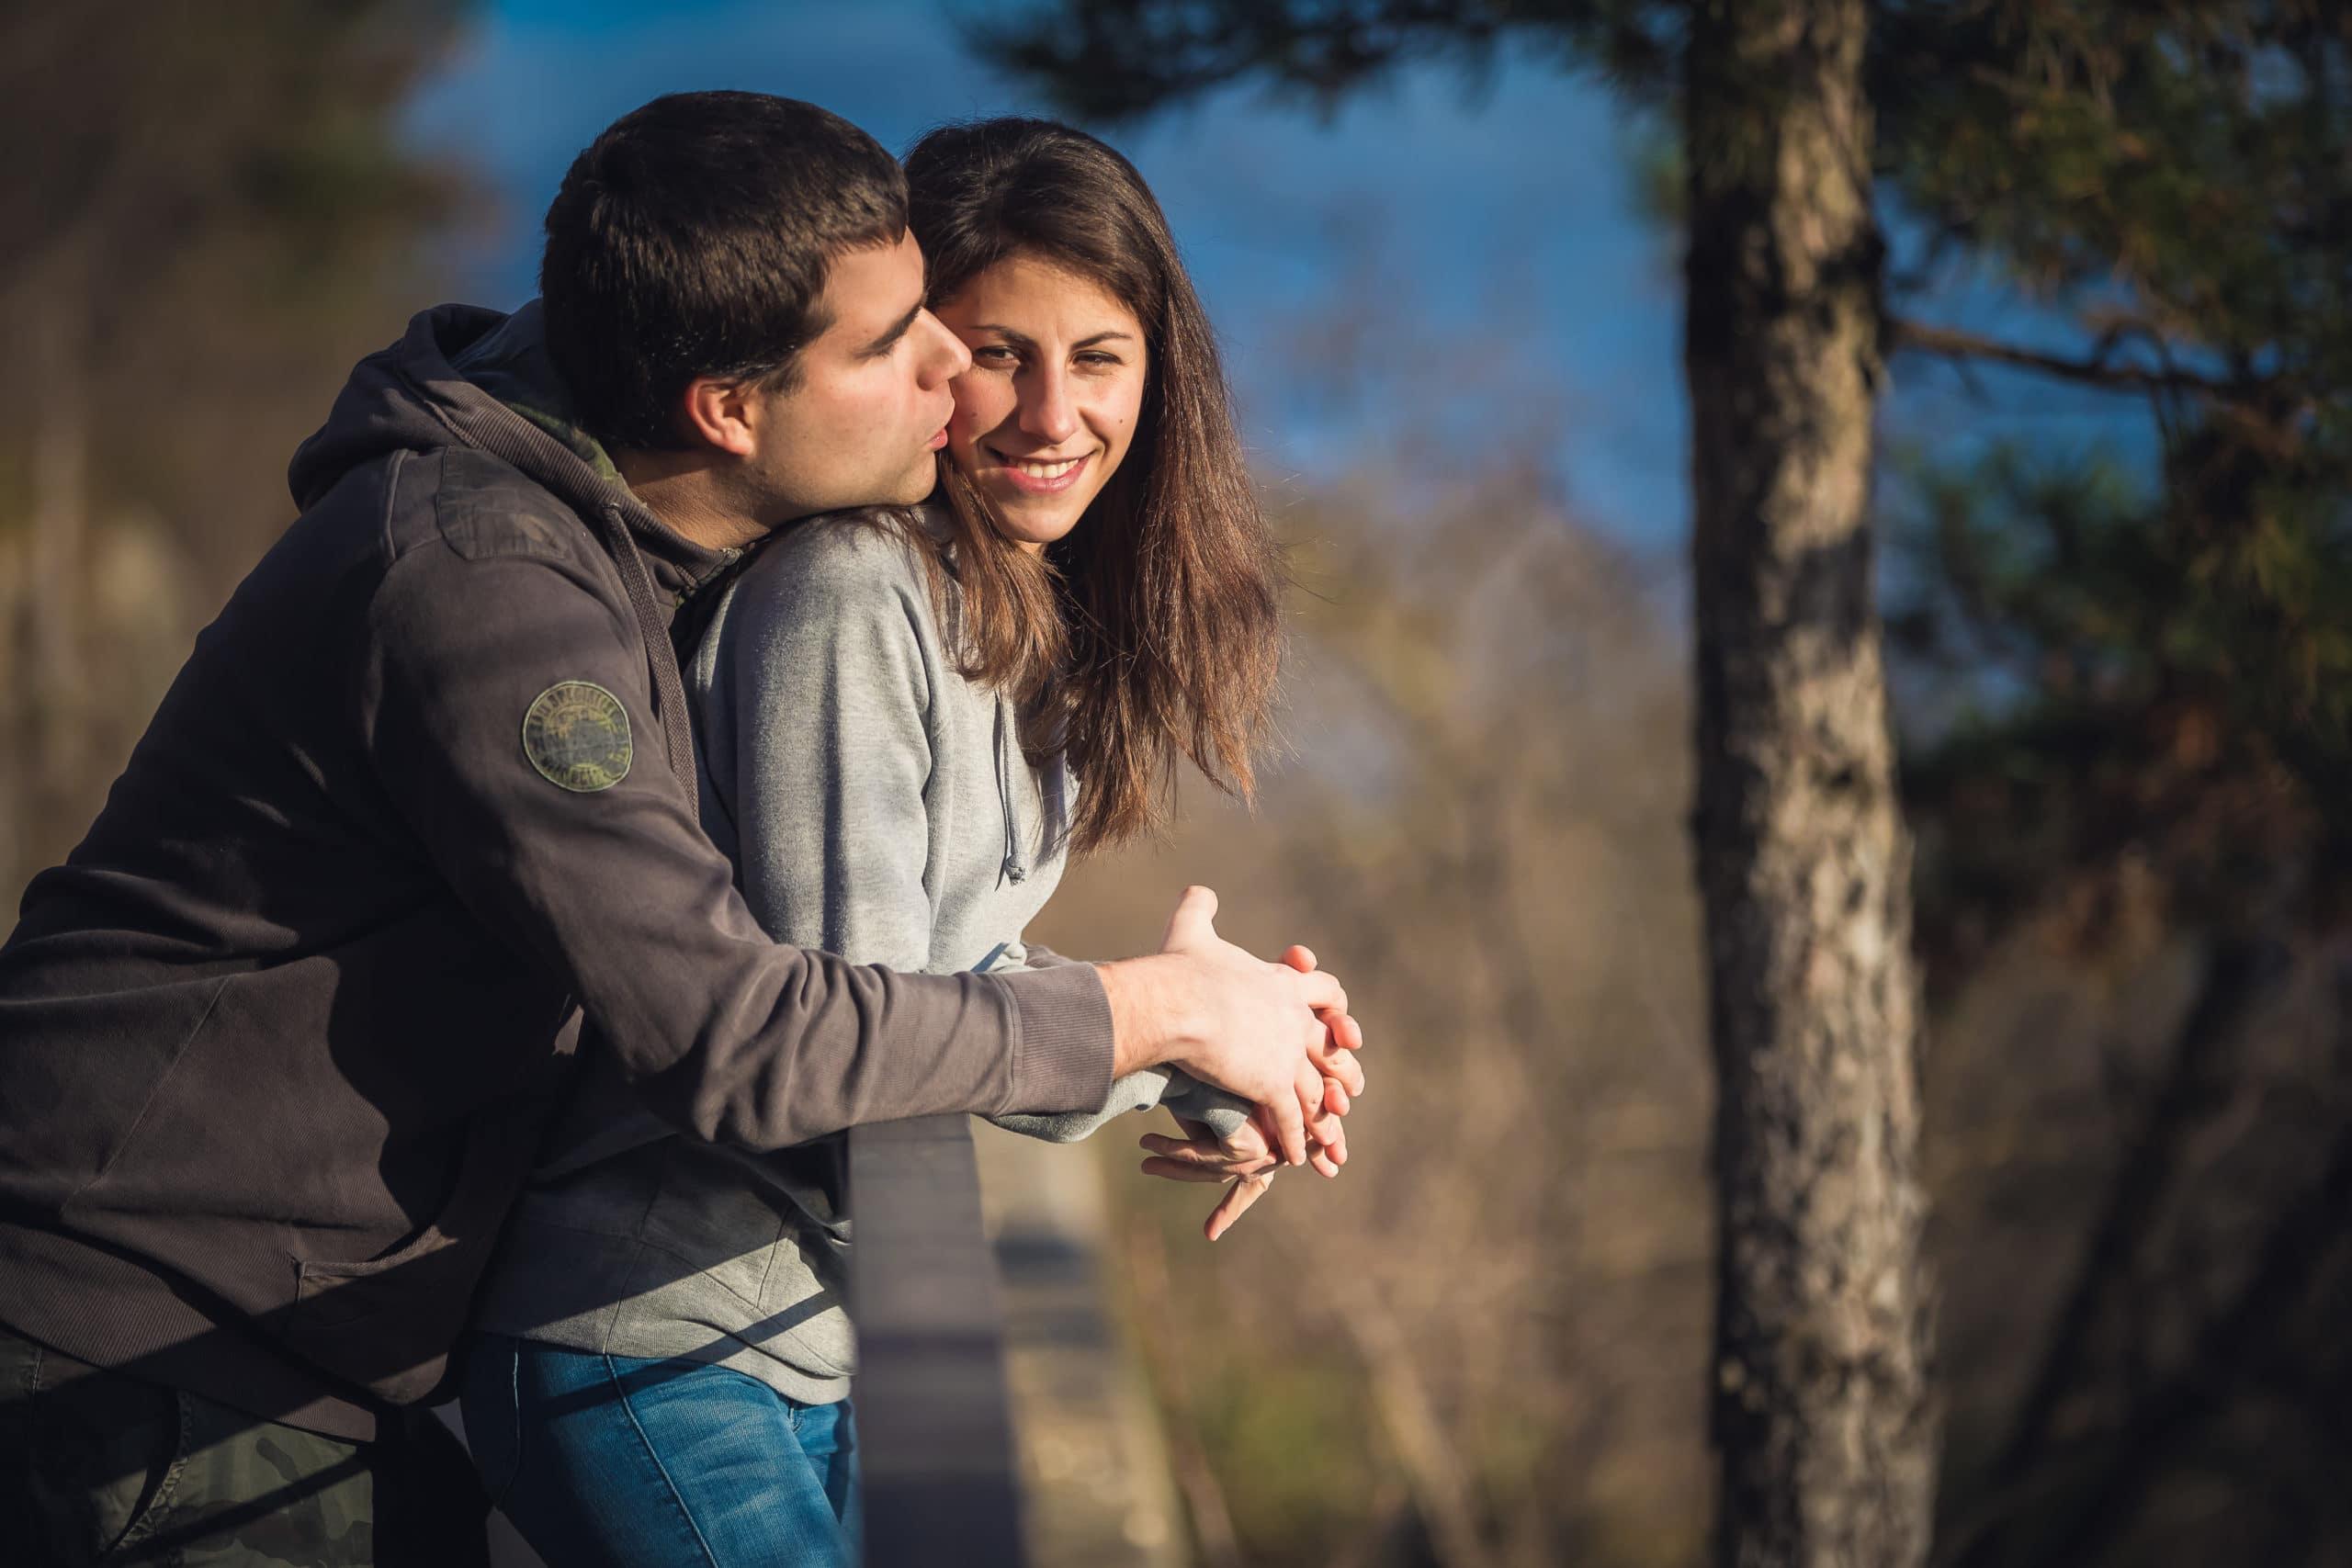 servizio fotografico fidanzati napoleonica trieste